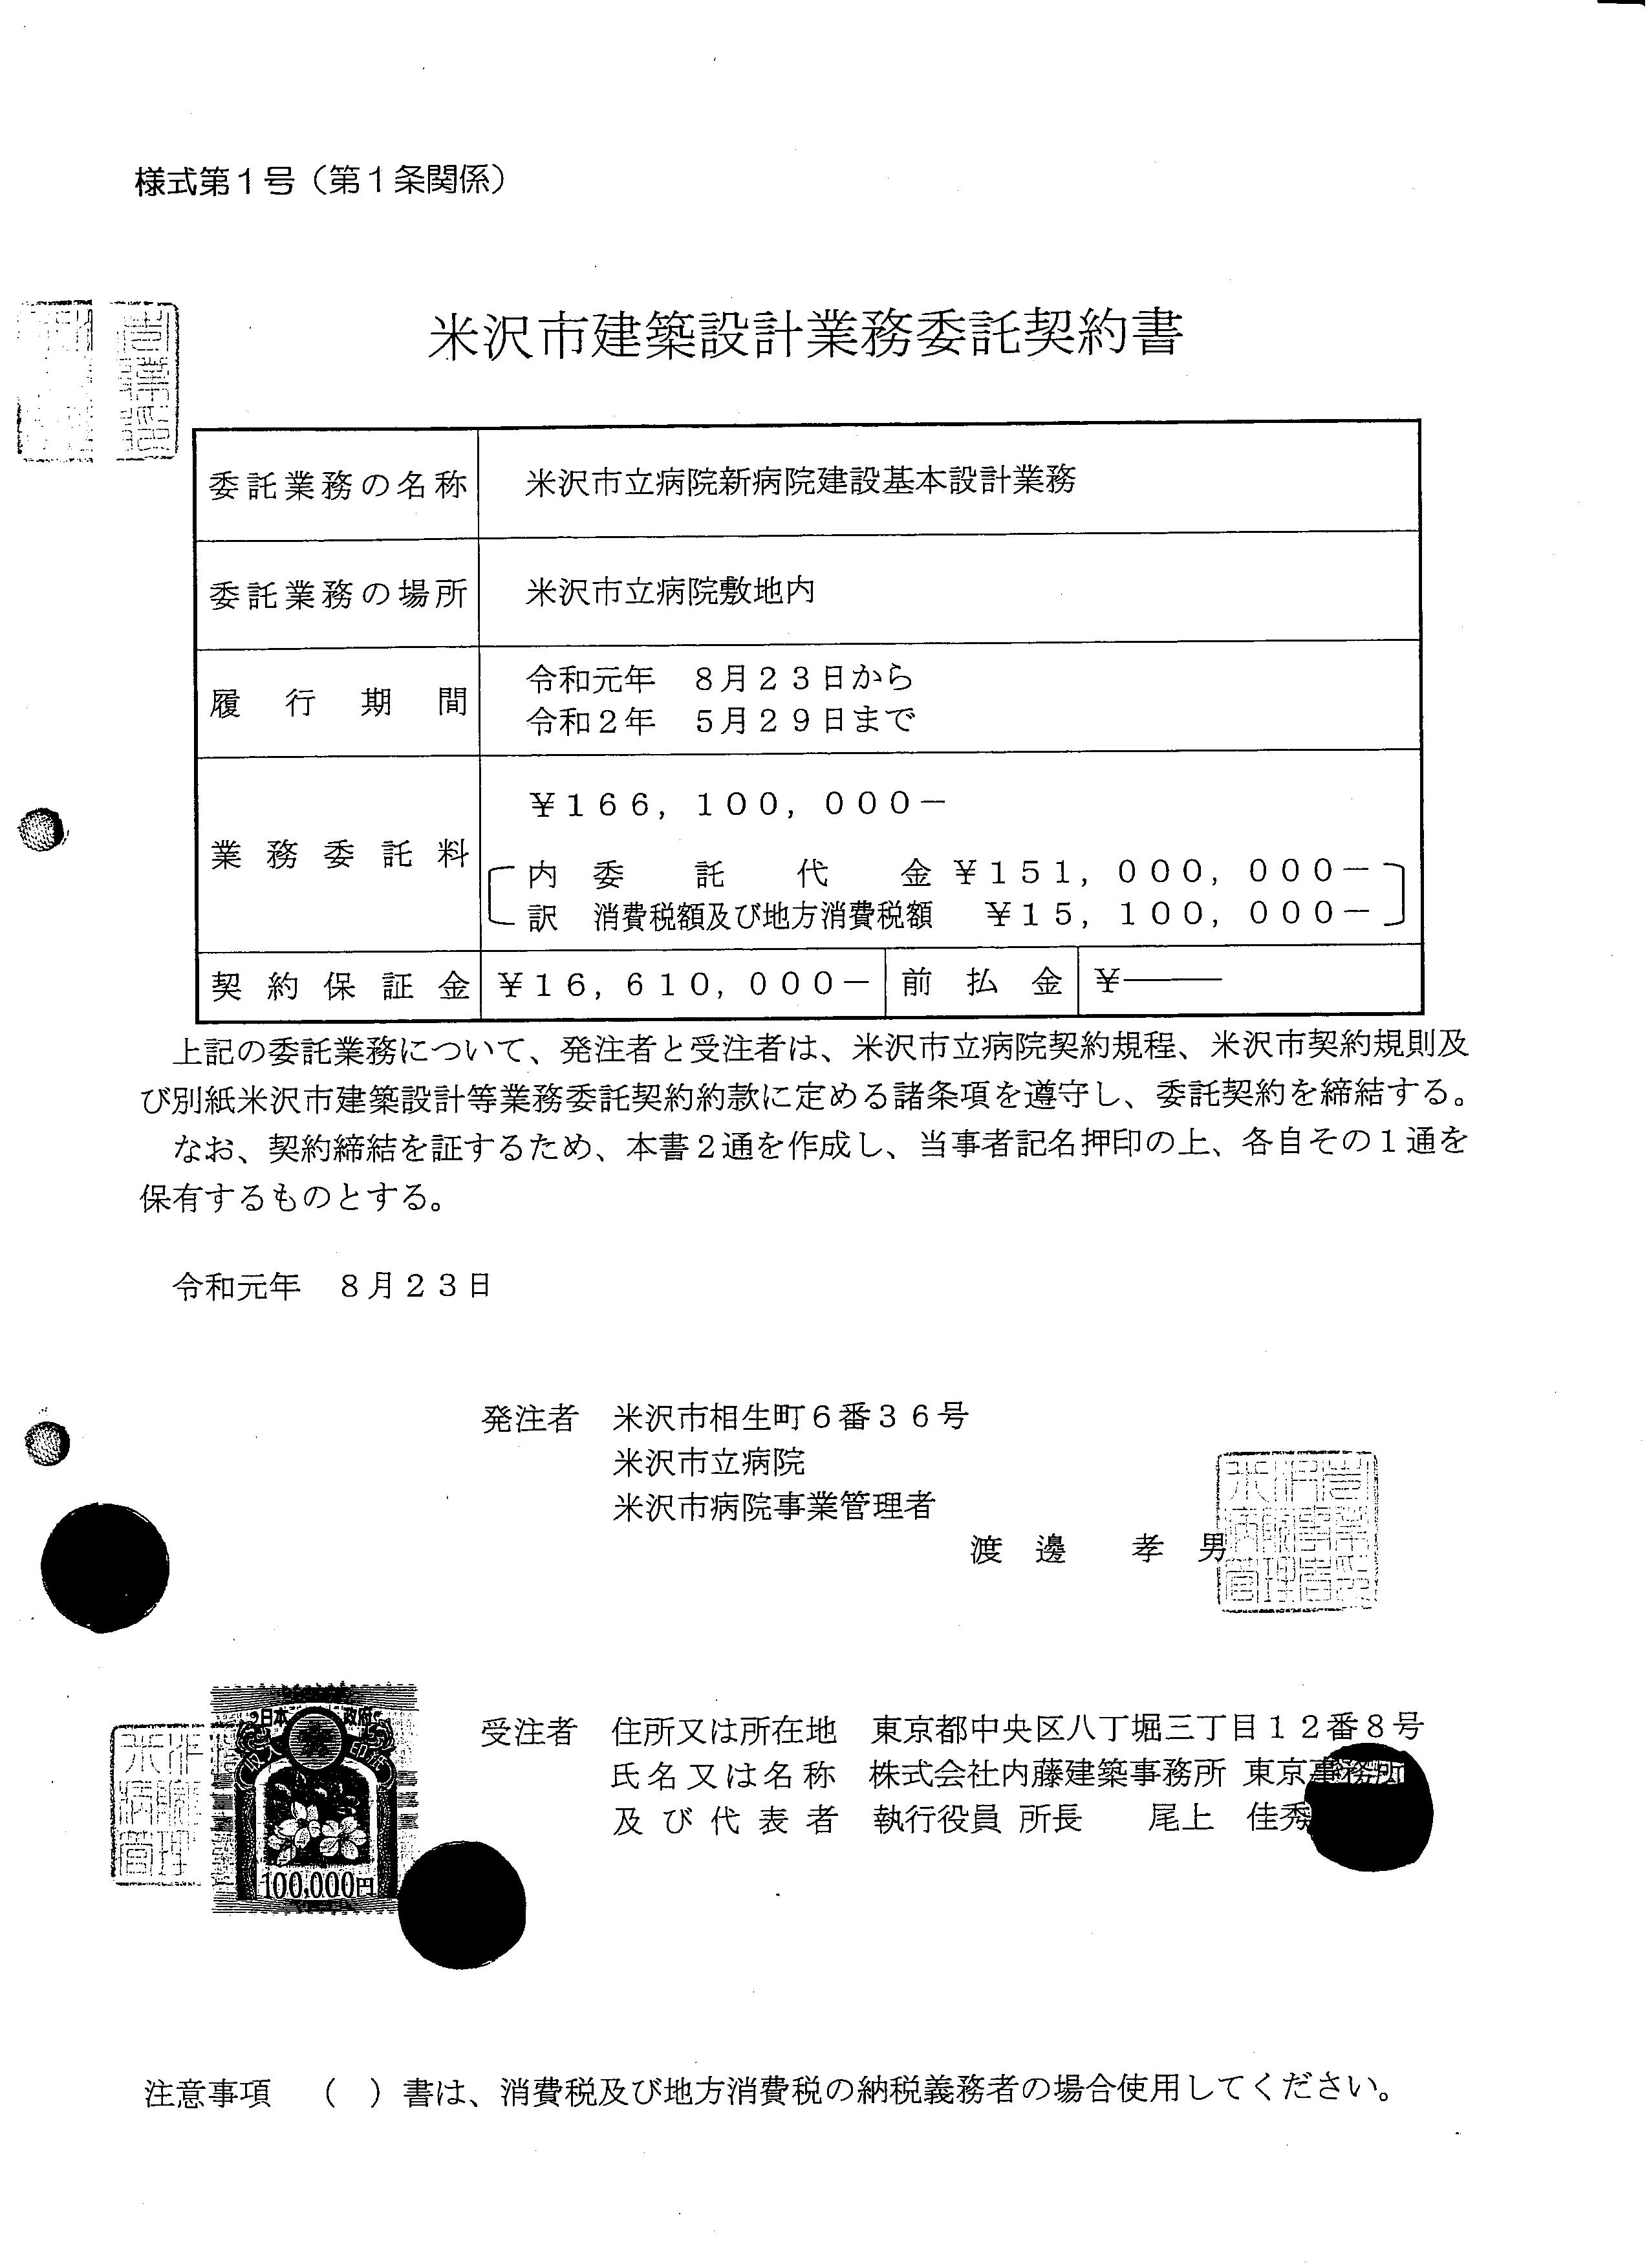 プロポーザル契約